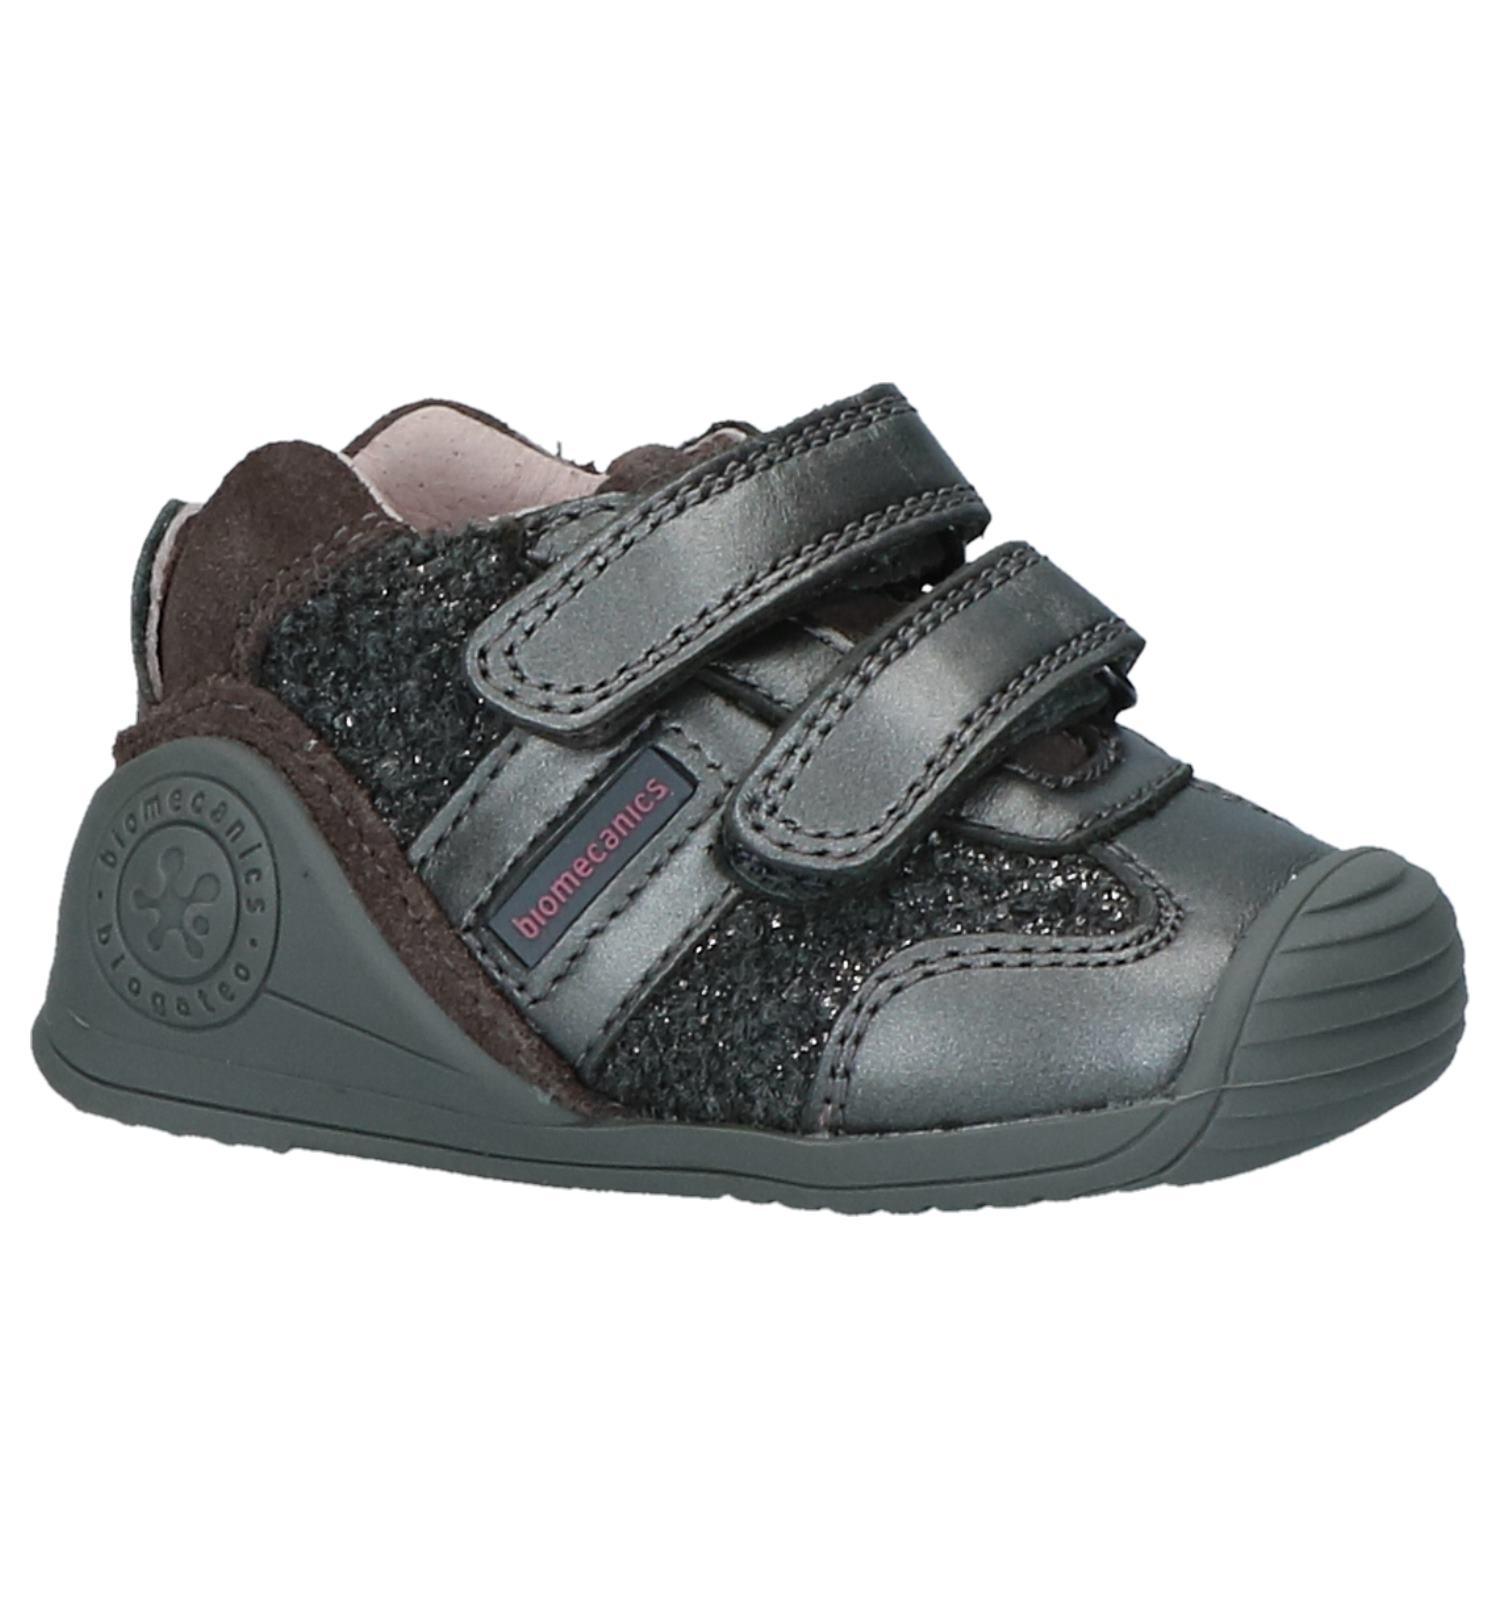 d39da524d1c23 Biomecanics Chaussures basses (Gris foncé)